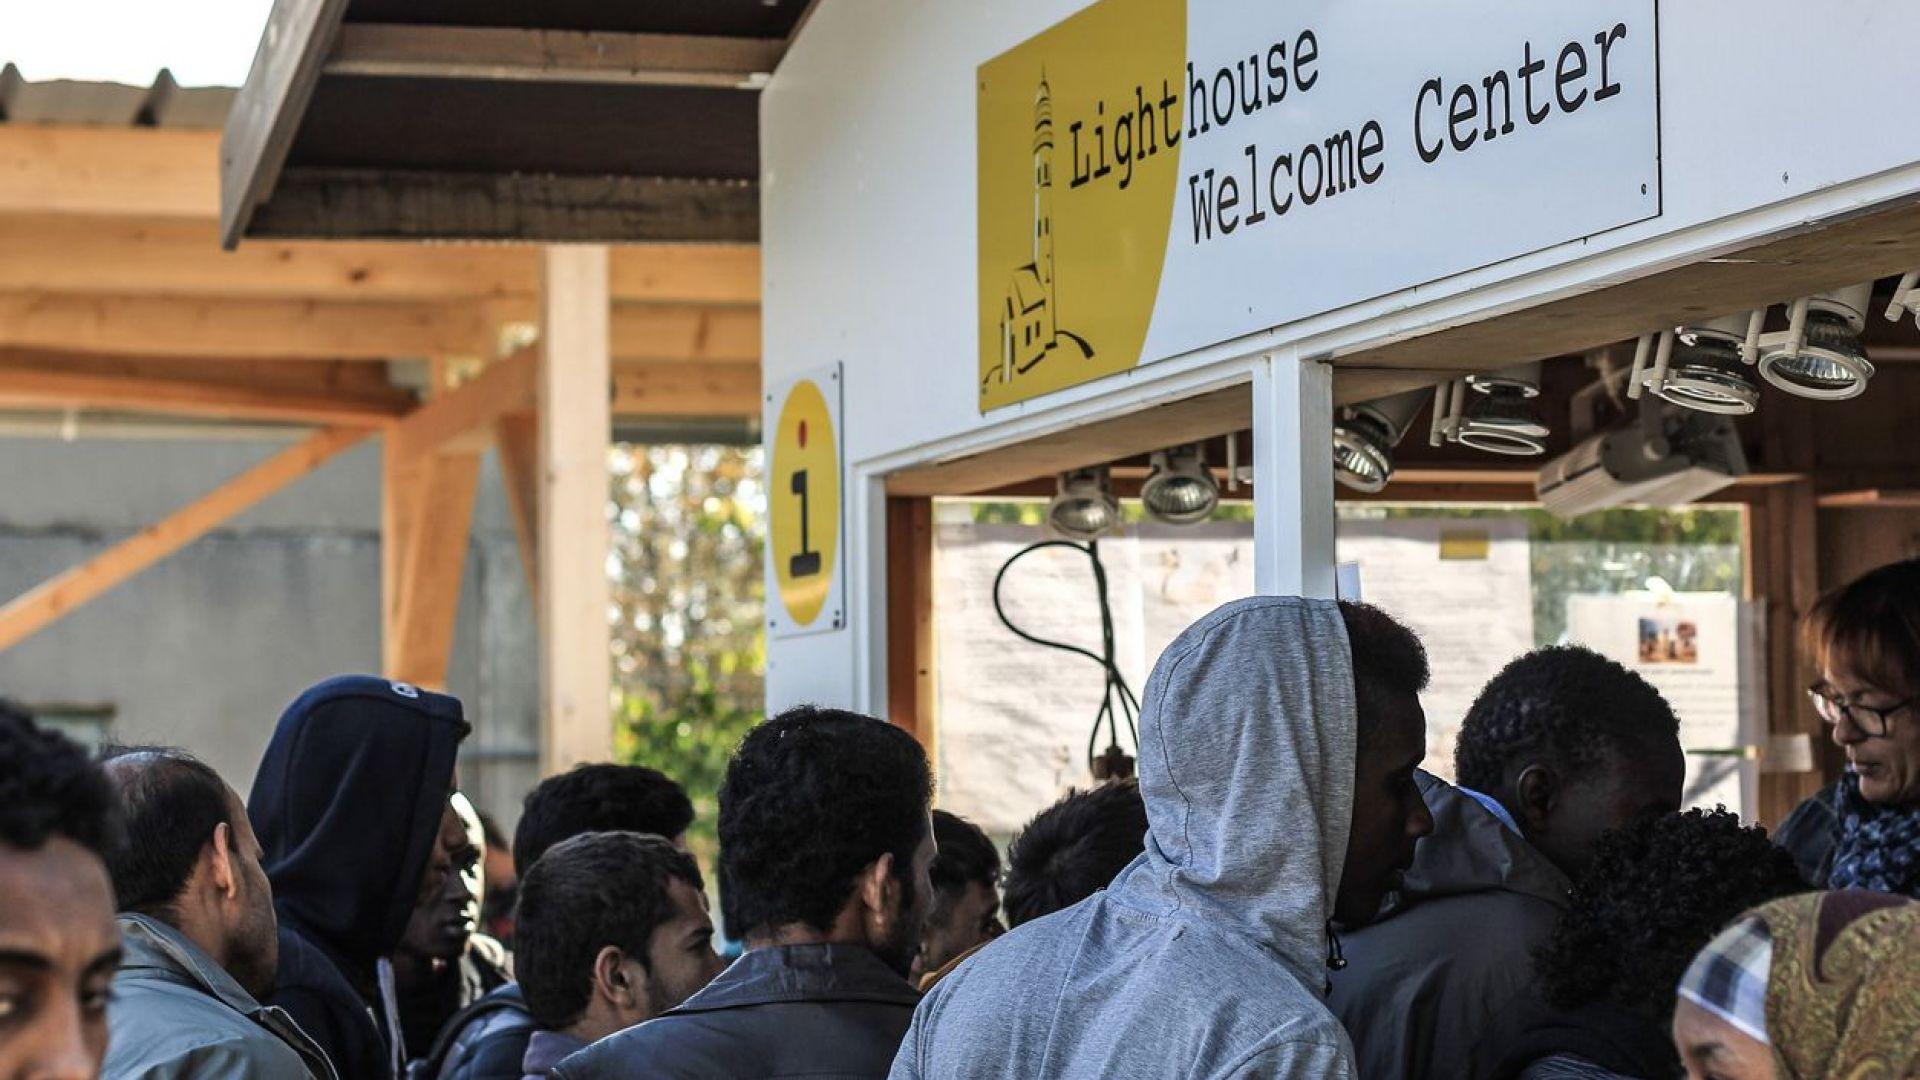 Петима полицаи бяха ранени при размирици в бежански център в Германия